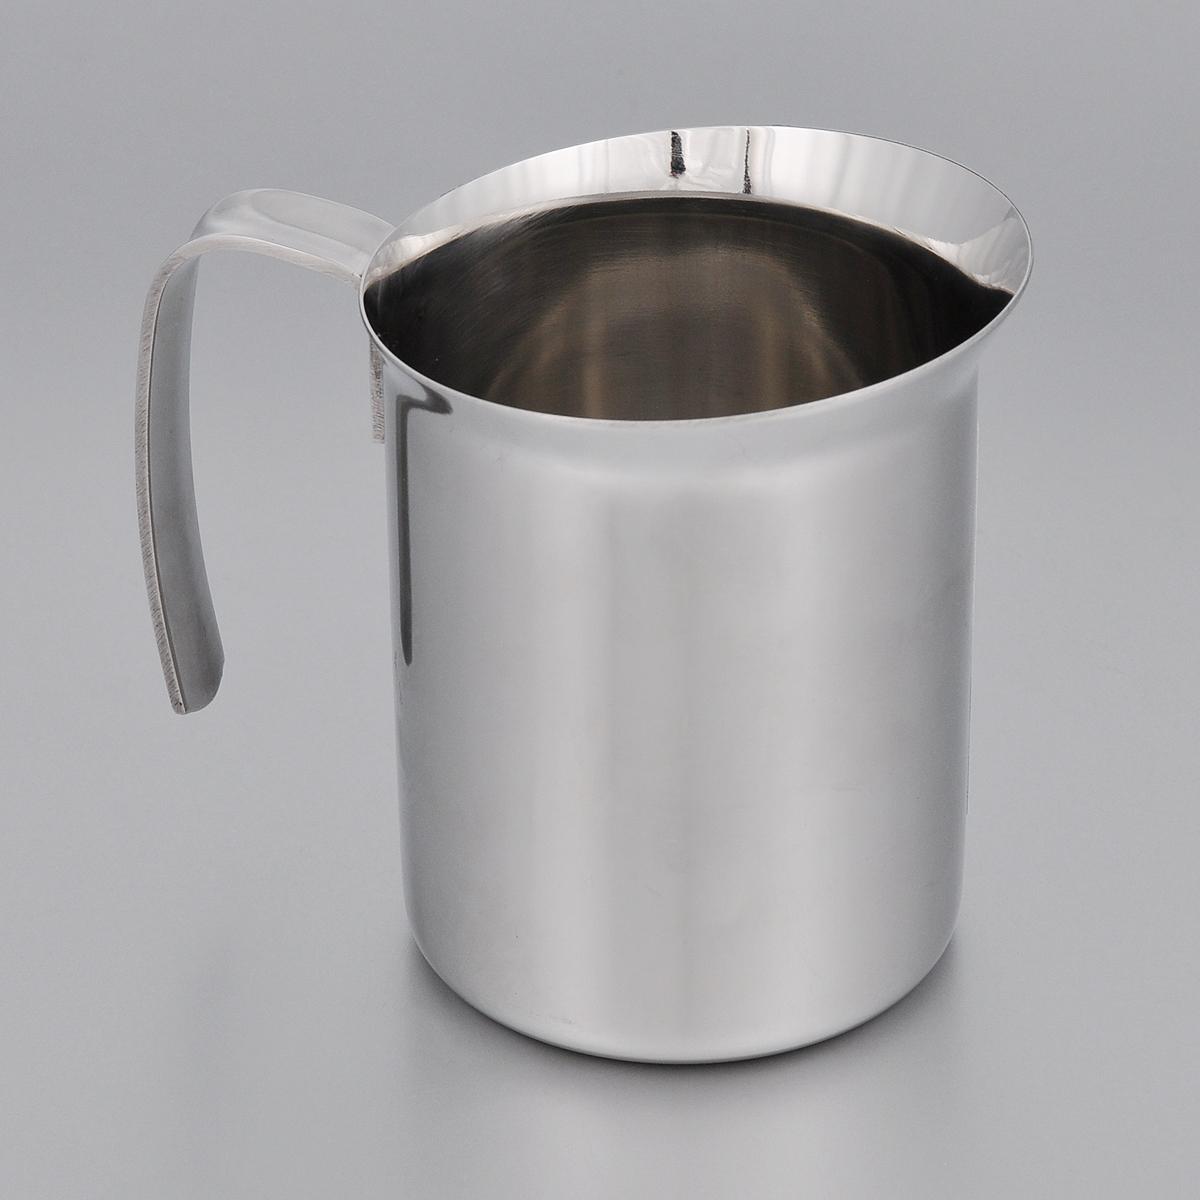 Кружка для взбивания молока Bialetti Elegance, 500 мл40970Кружка для взбивания молока Bialetti Elegance изготовлена из высококачественной нержавеющей стали. Изделие оснащено ручкой и специальным носиком для удобного выливания жидкости. Зеркальная полировка придает посуде эстетичный вид.Можно использовать на газовых, электрических и стеклокерамических плитах.Объем: 500 мл. Диаметр по верхнему краю: 9 см.Диаметр дна: 8 см. Высота стенки: 10 см.